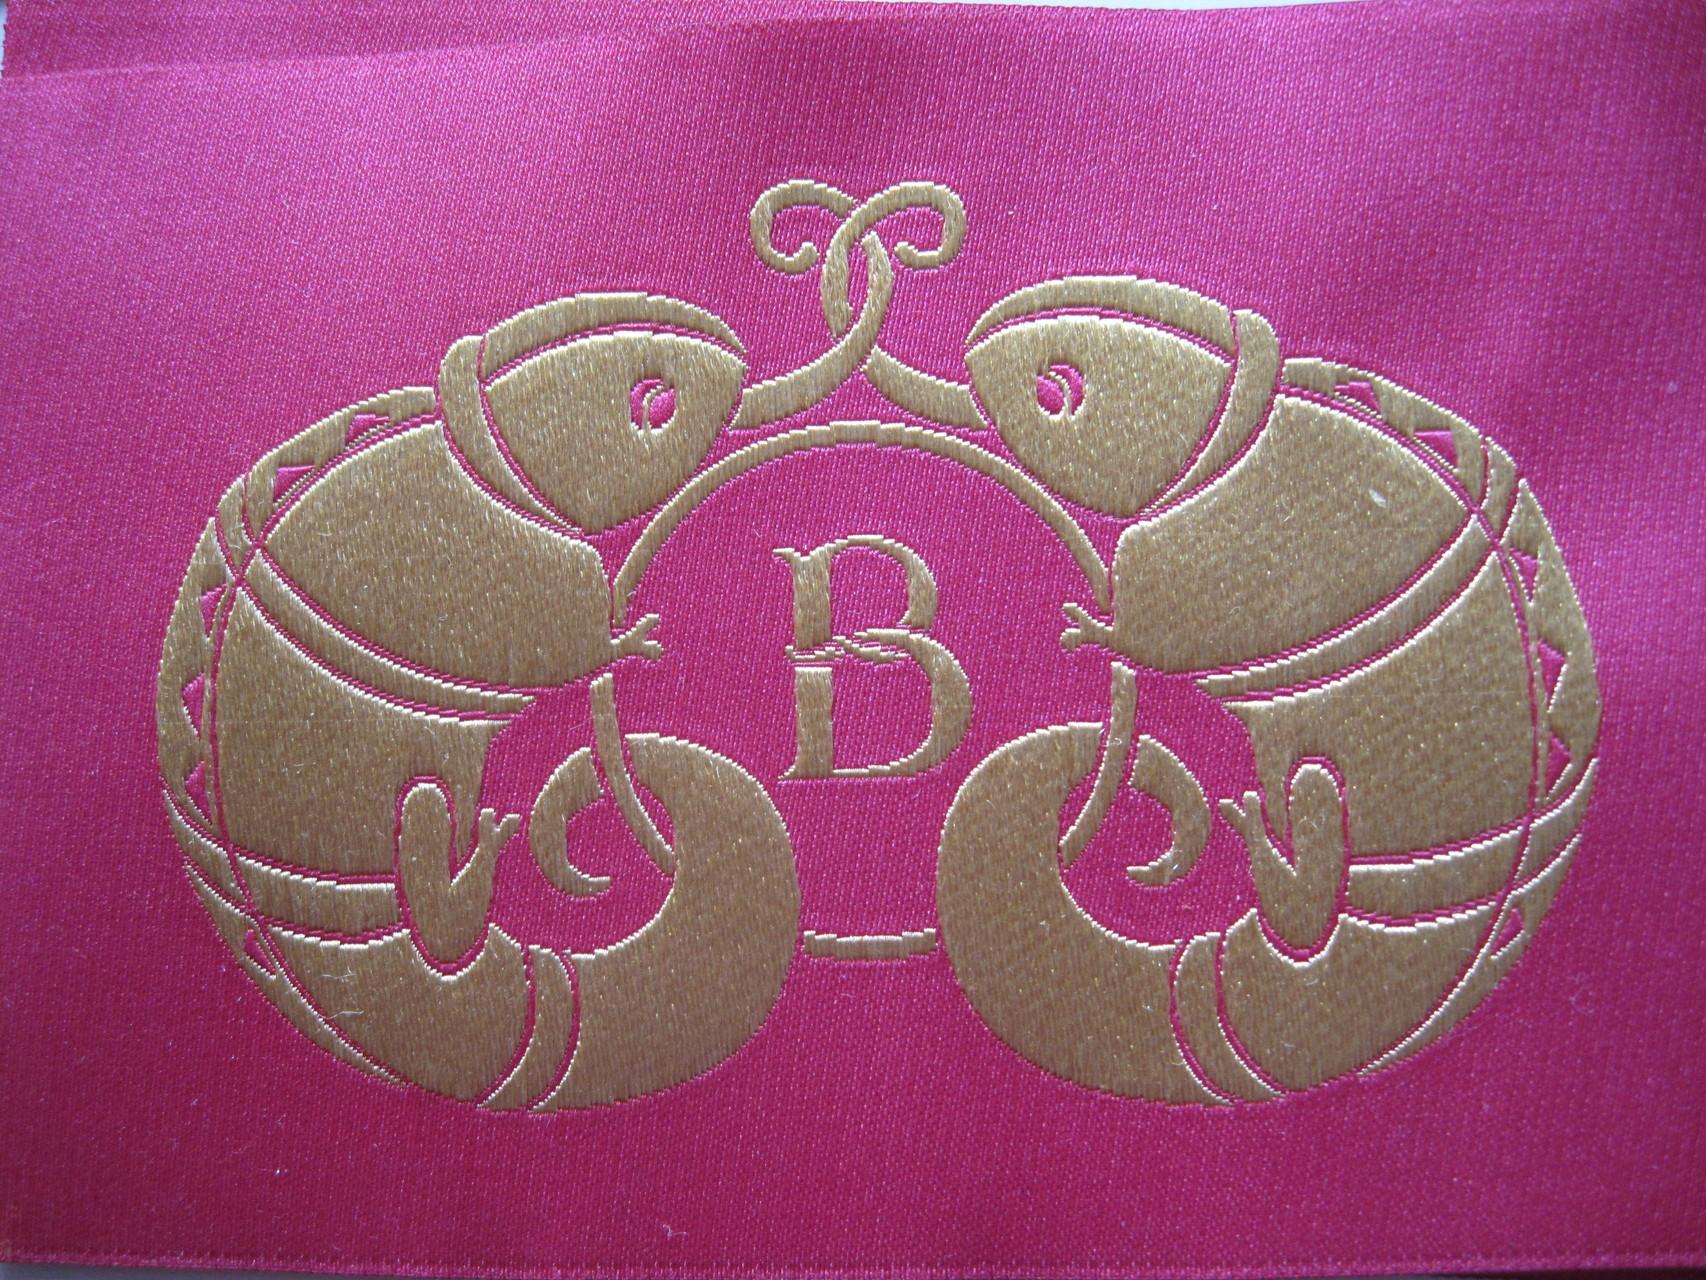 objet promotionnel presse, habillage en satin brodé : : étude pour Boucheron, coll. Bestiaire de Boucheron, 2010-11